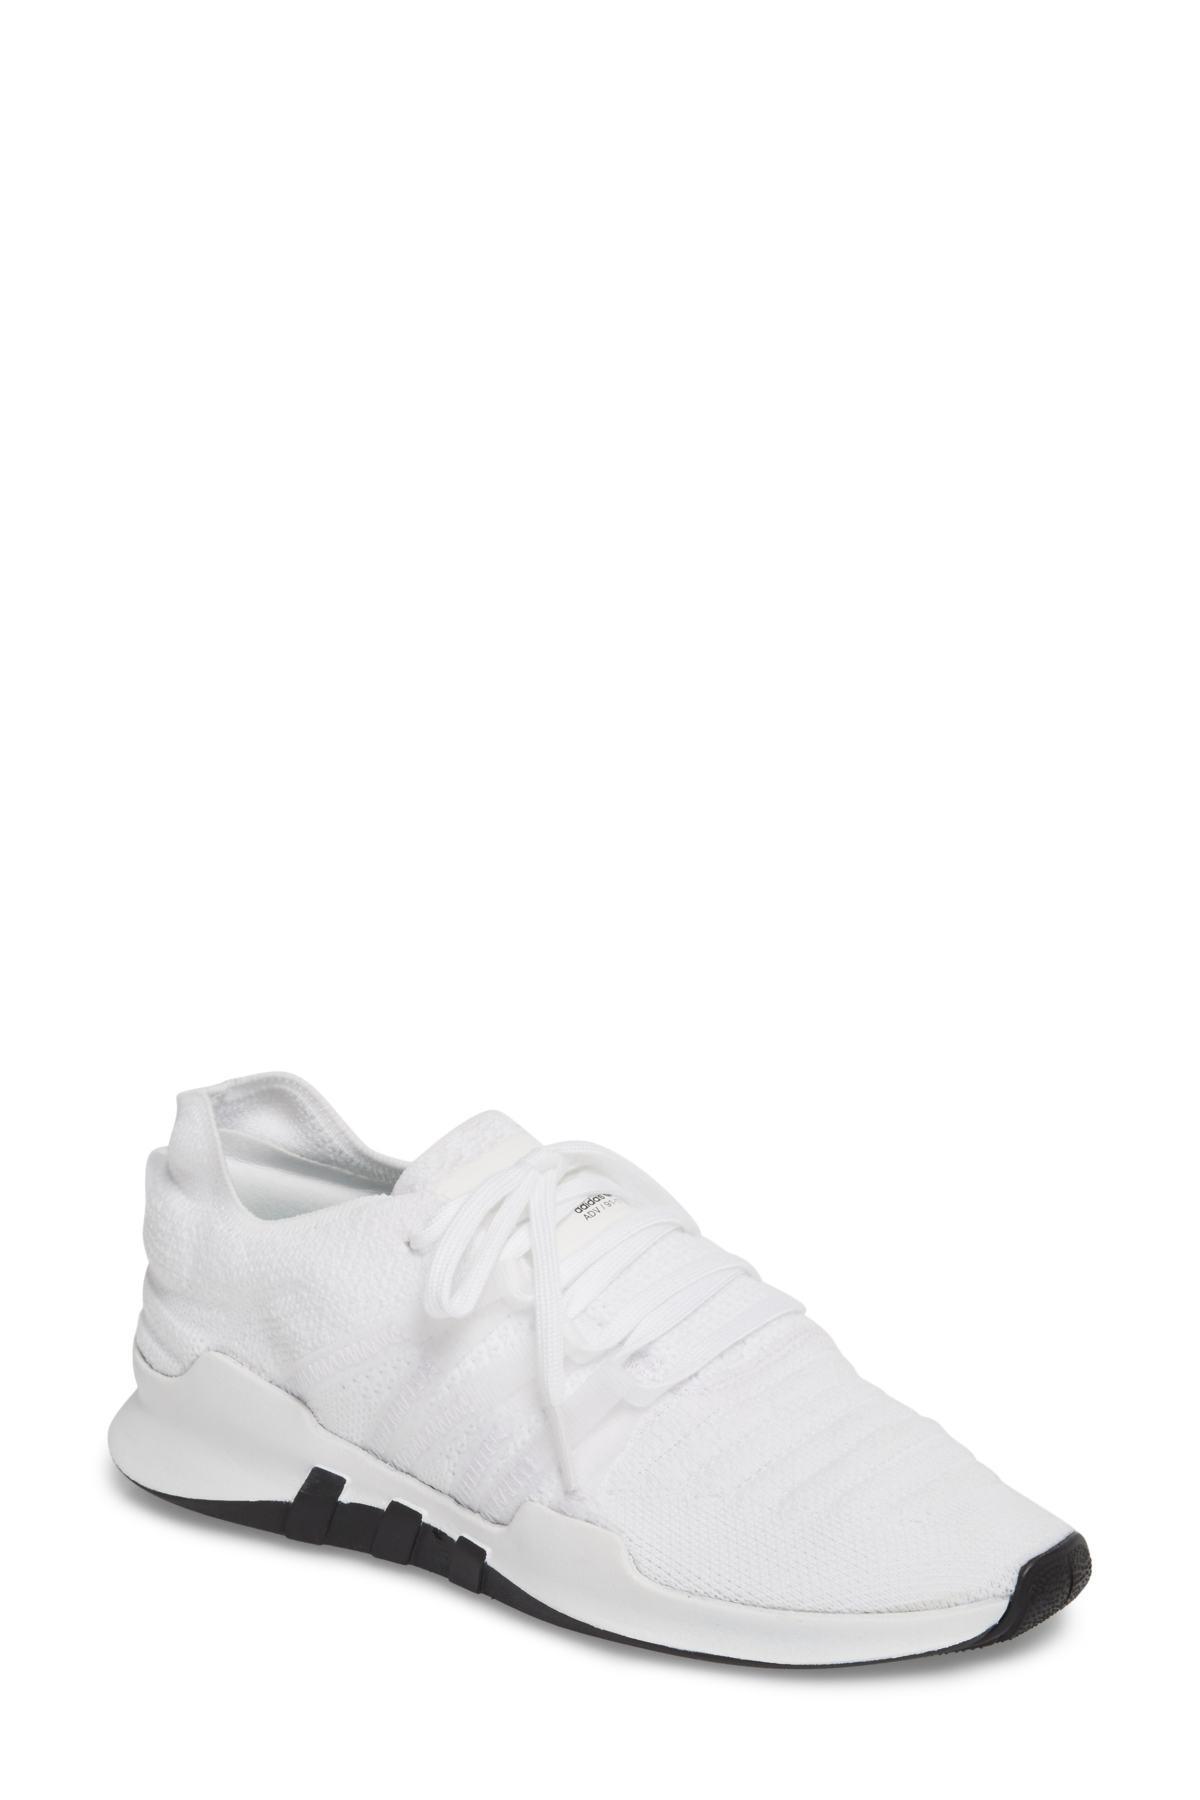 8680e71cb210 Lyst - adidas Eqt Racing Adv Primeknit Sneaker in White